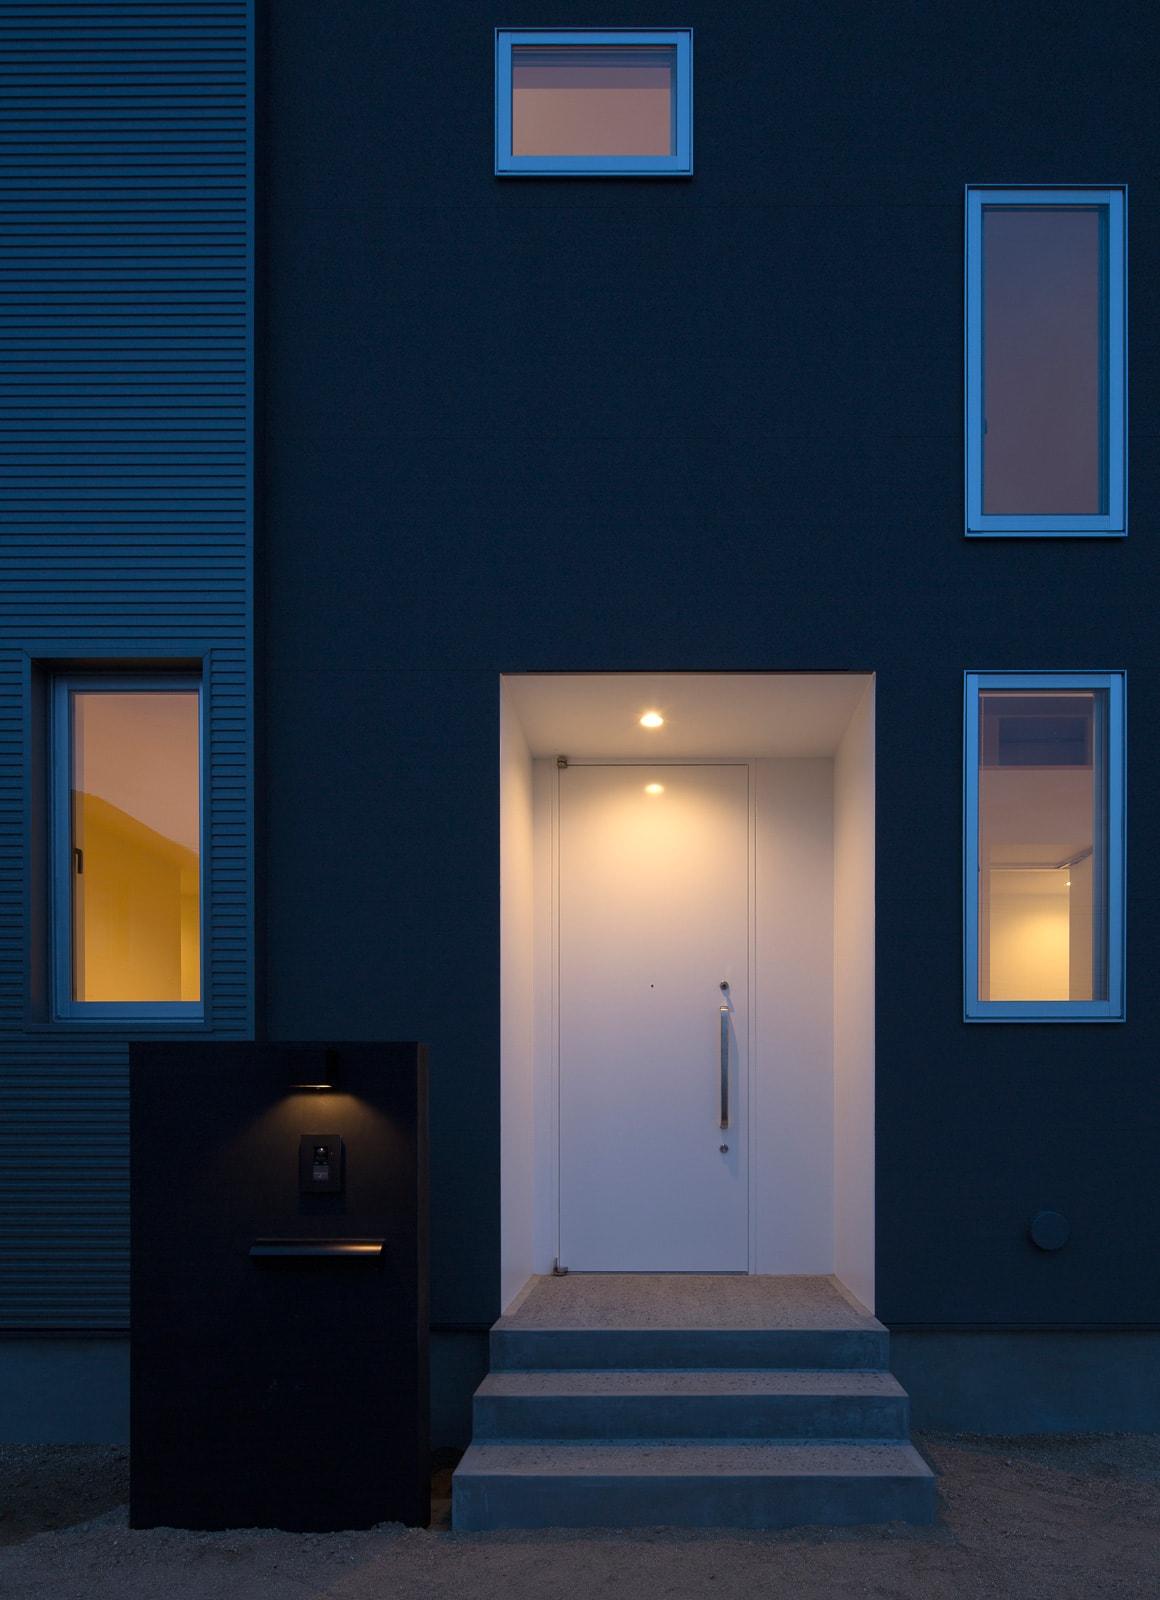 開放的なスキップフロア住宅の夕景(外部)2